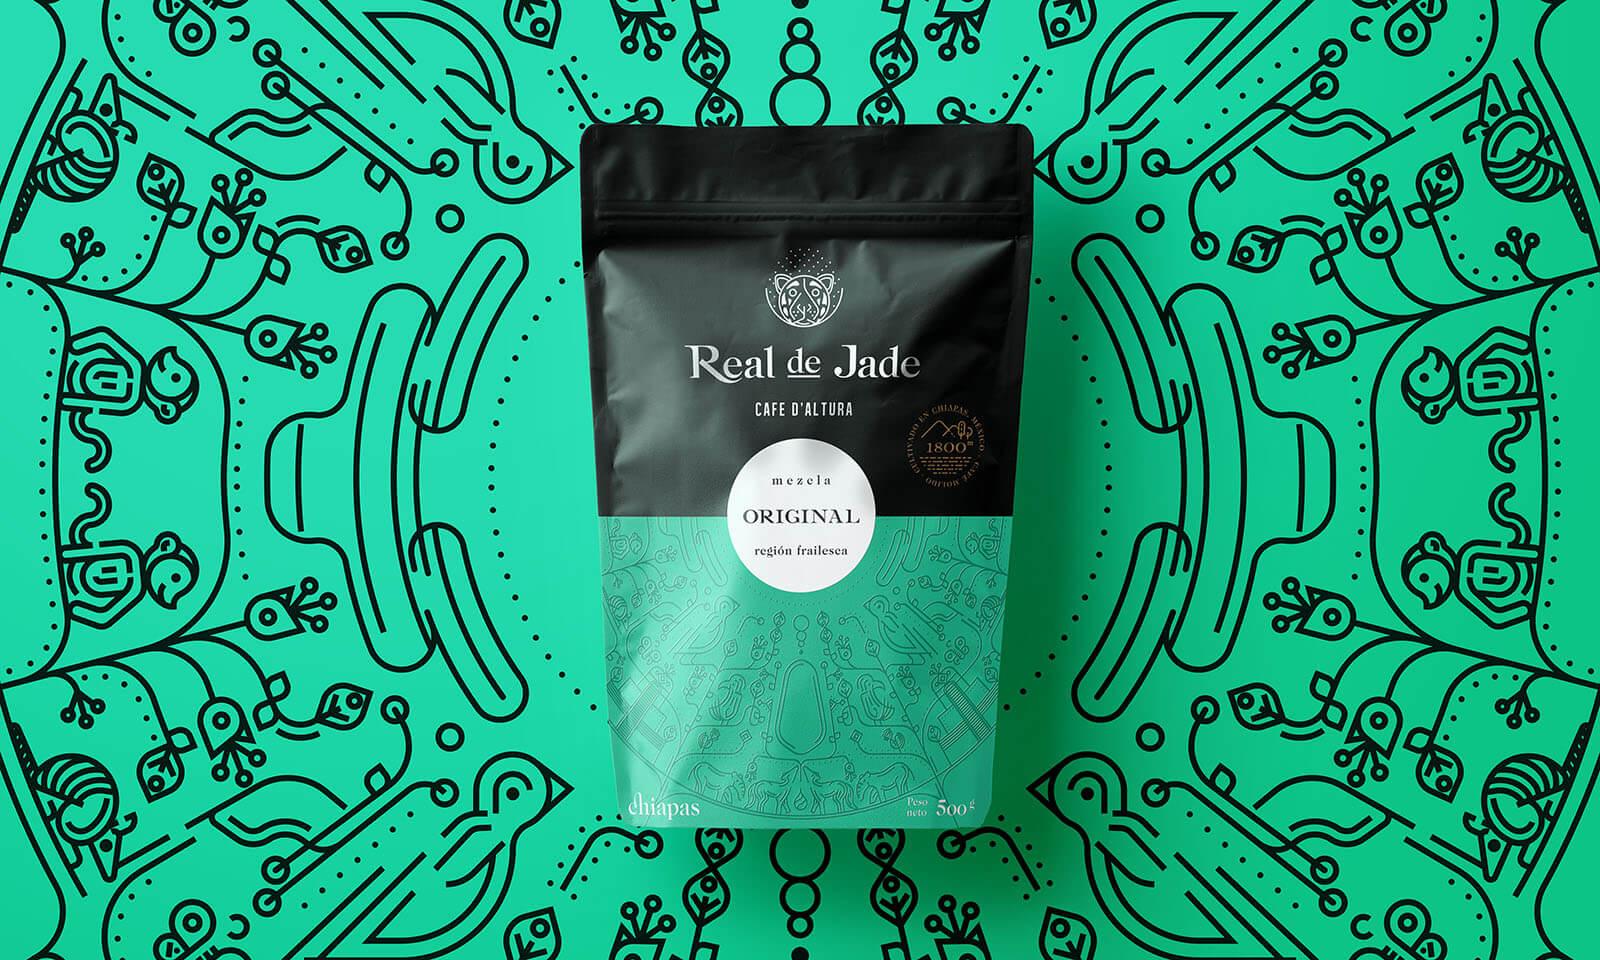 Real de Jade // Empaque de Café